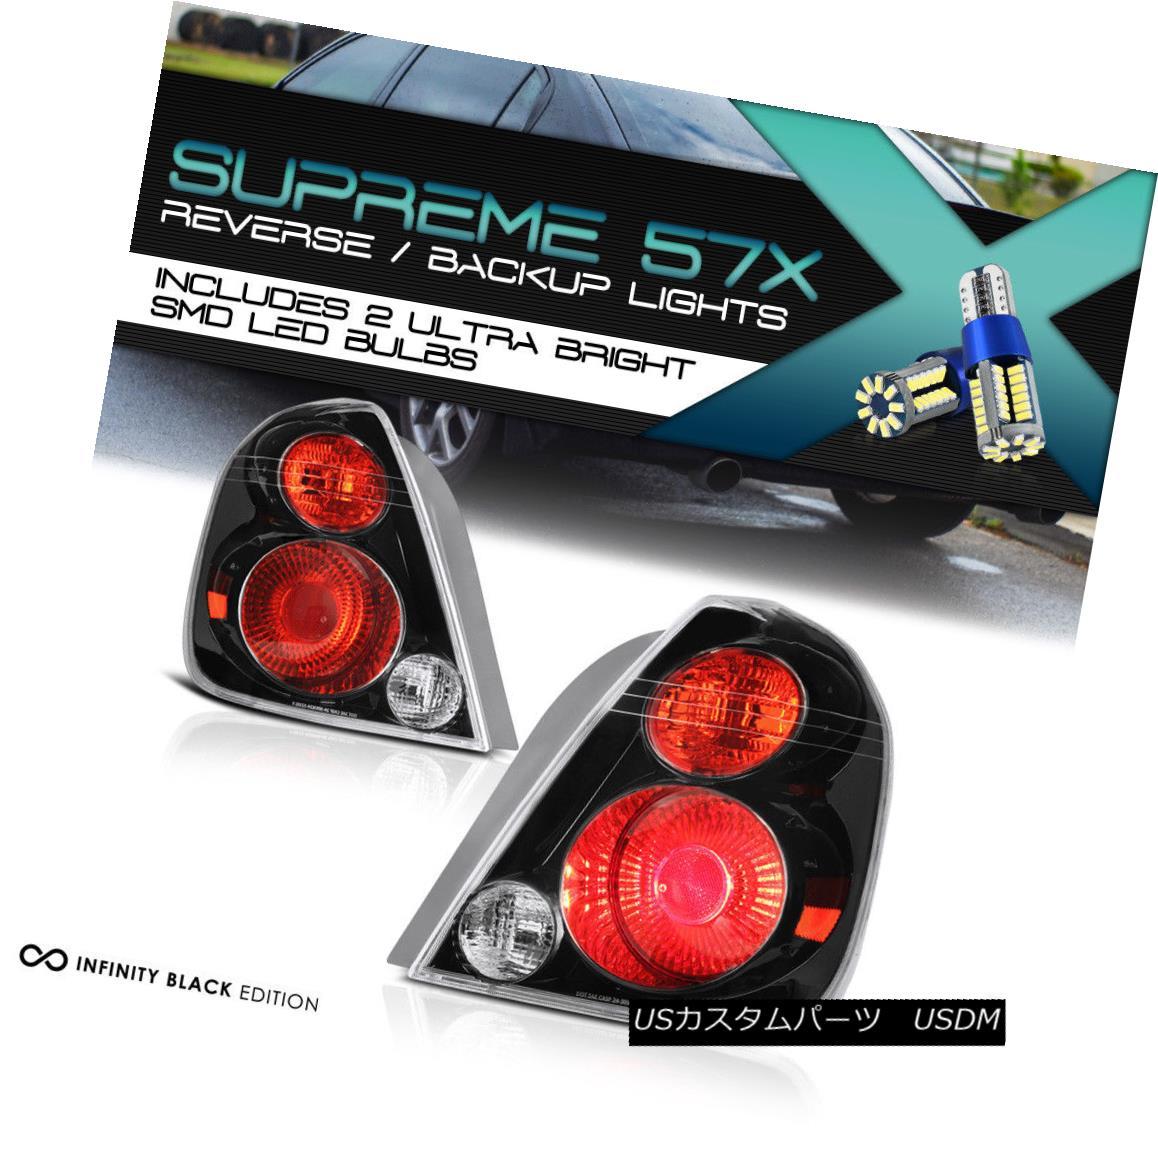 テールライト [360 DEGREE SMD REVERSE] Fits 2002-2006 Altima SE-R OE Style Taillamp Left Right [360°SMD REVERSE] 2002-2006 Altima SE-R OEスタイルのタイルランプを右に固定